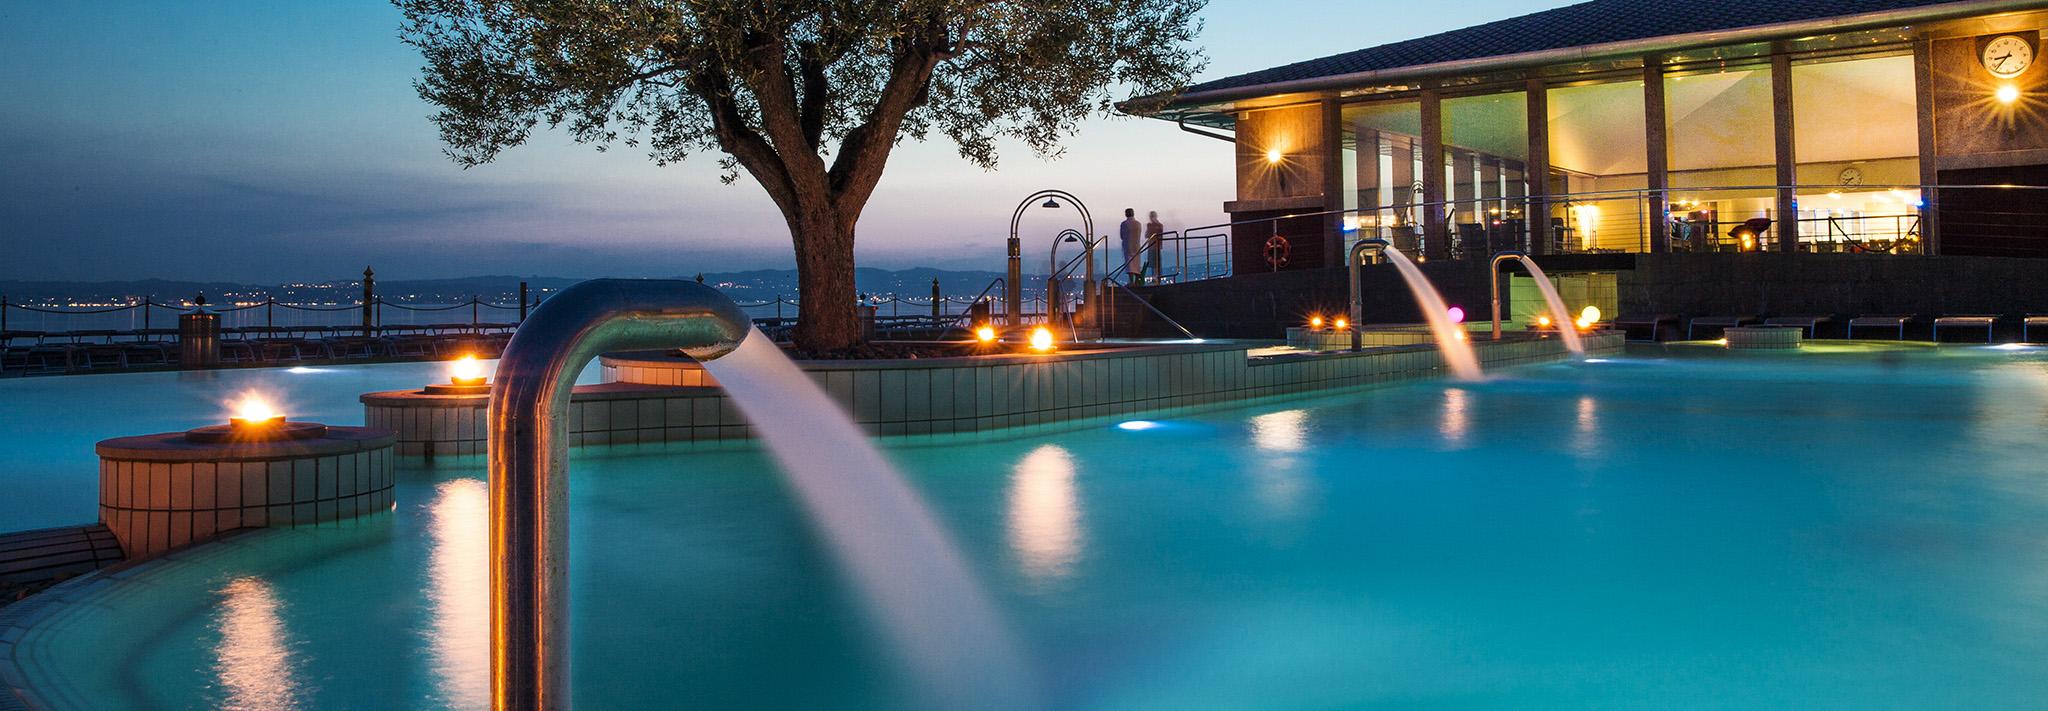 Aquaria thermal spa centro benessere sul lago di garda for Bagni lago prezzi